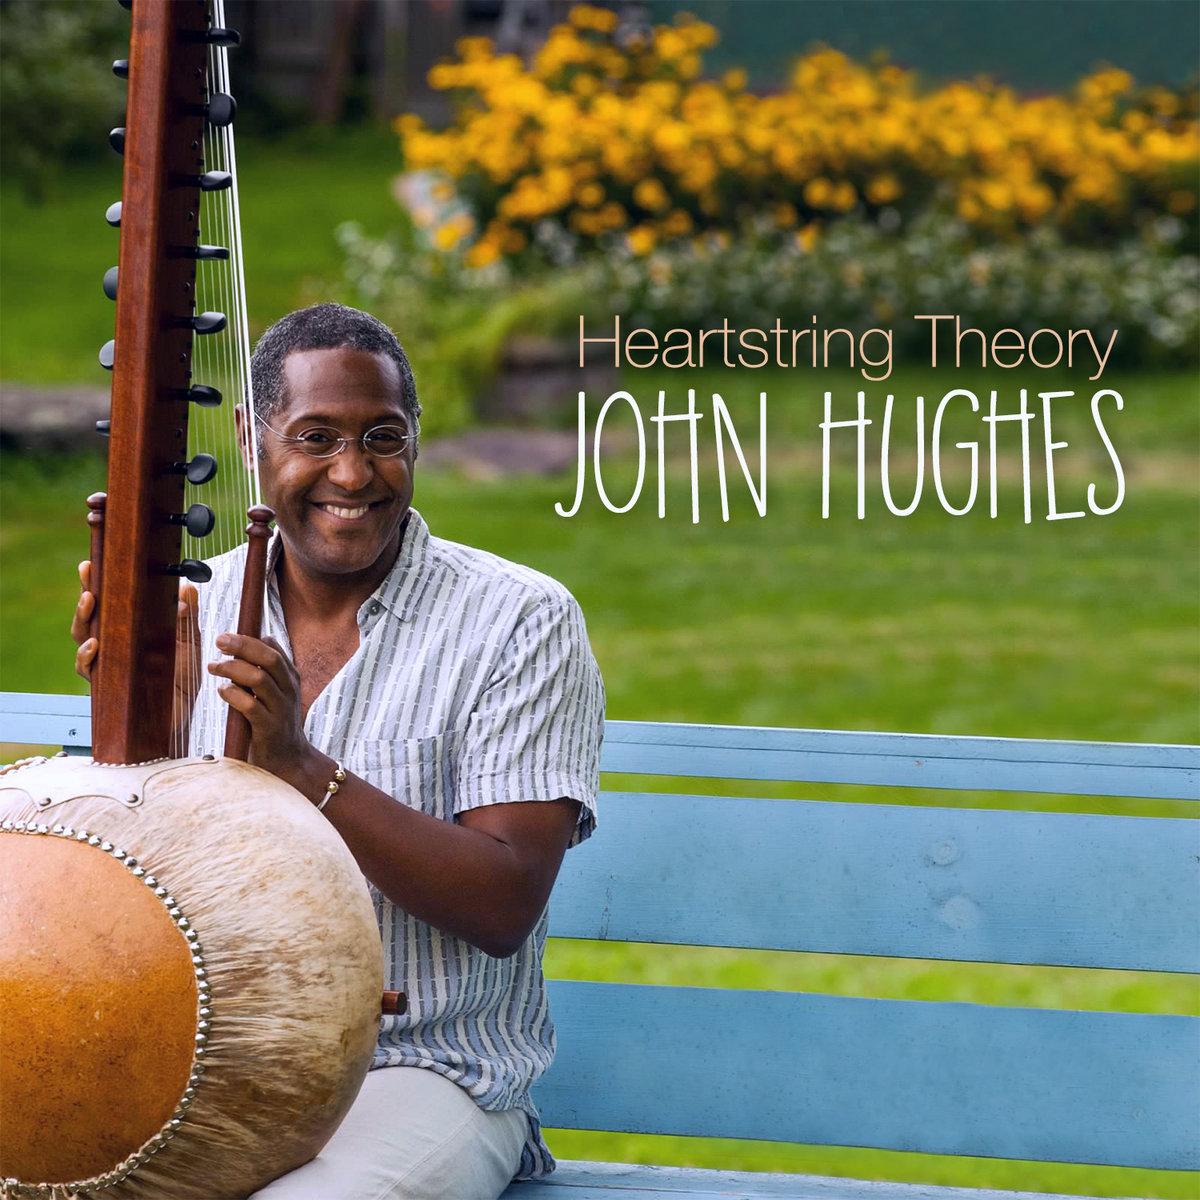 heartstring theory john hughes